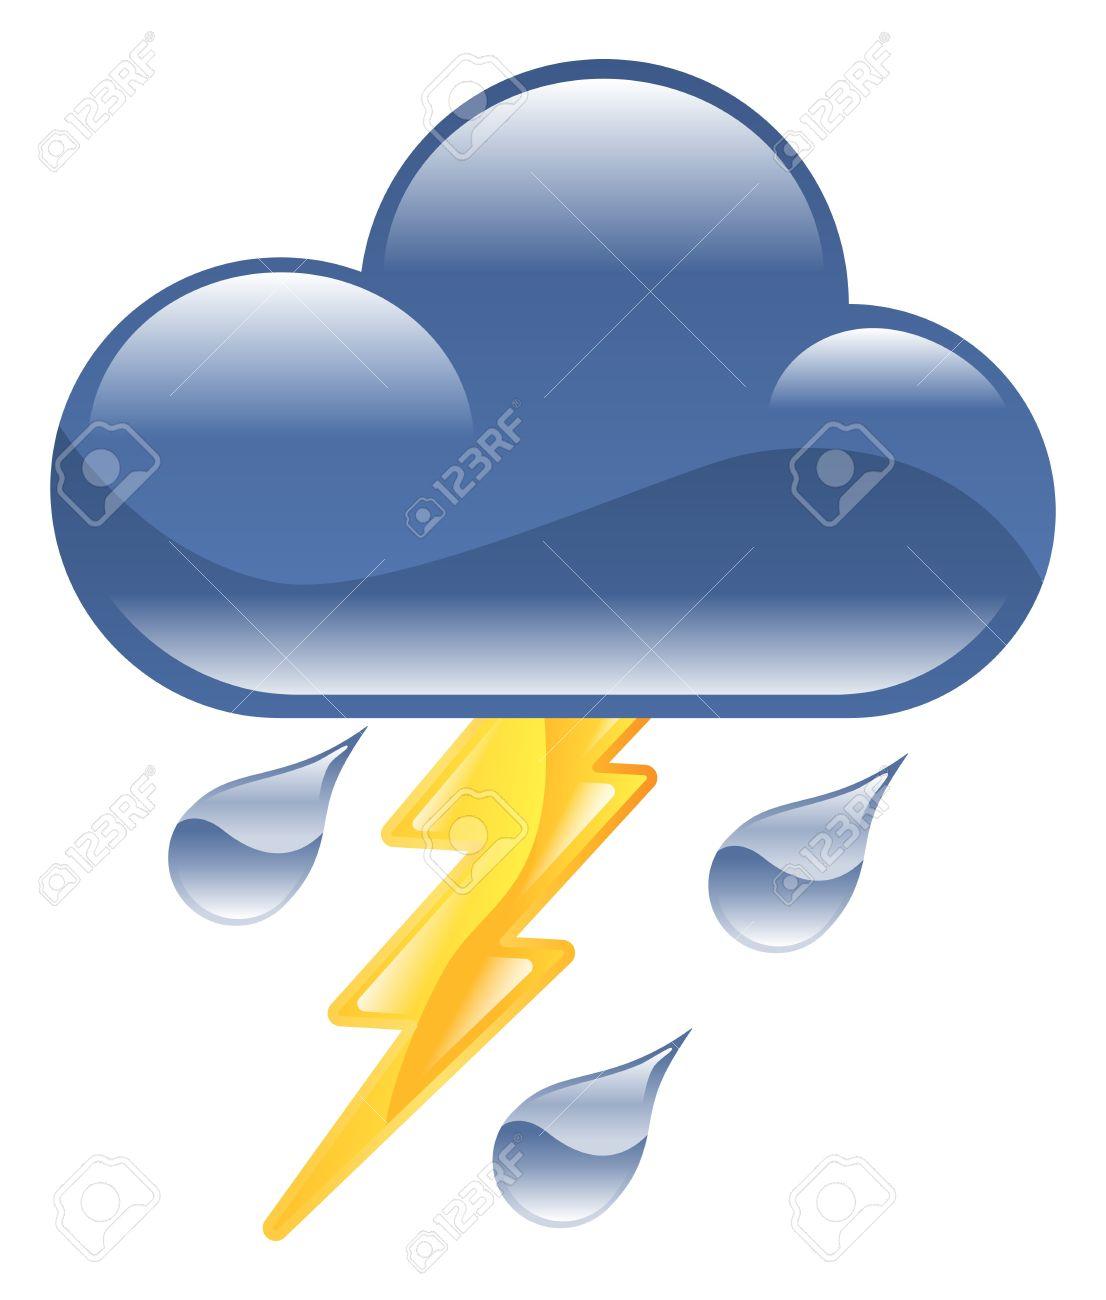 Wetter Icon Cliparts Blitz Gewitter Illustration Lizenzfrei.